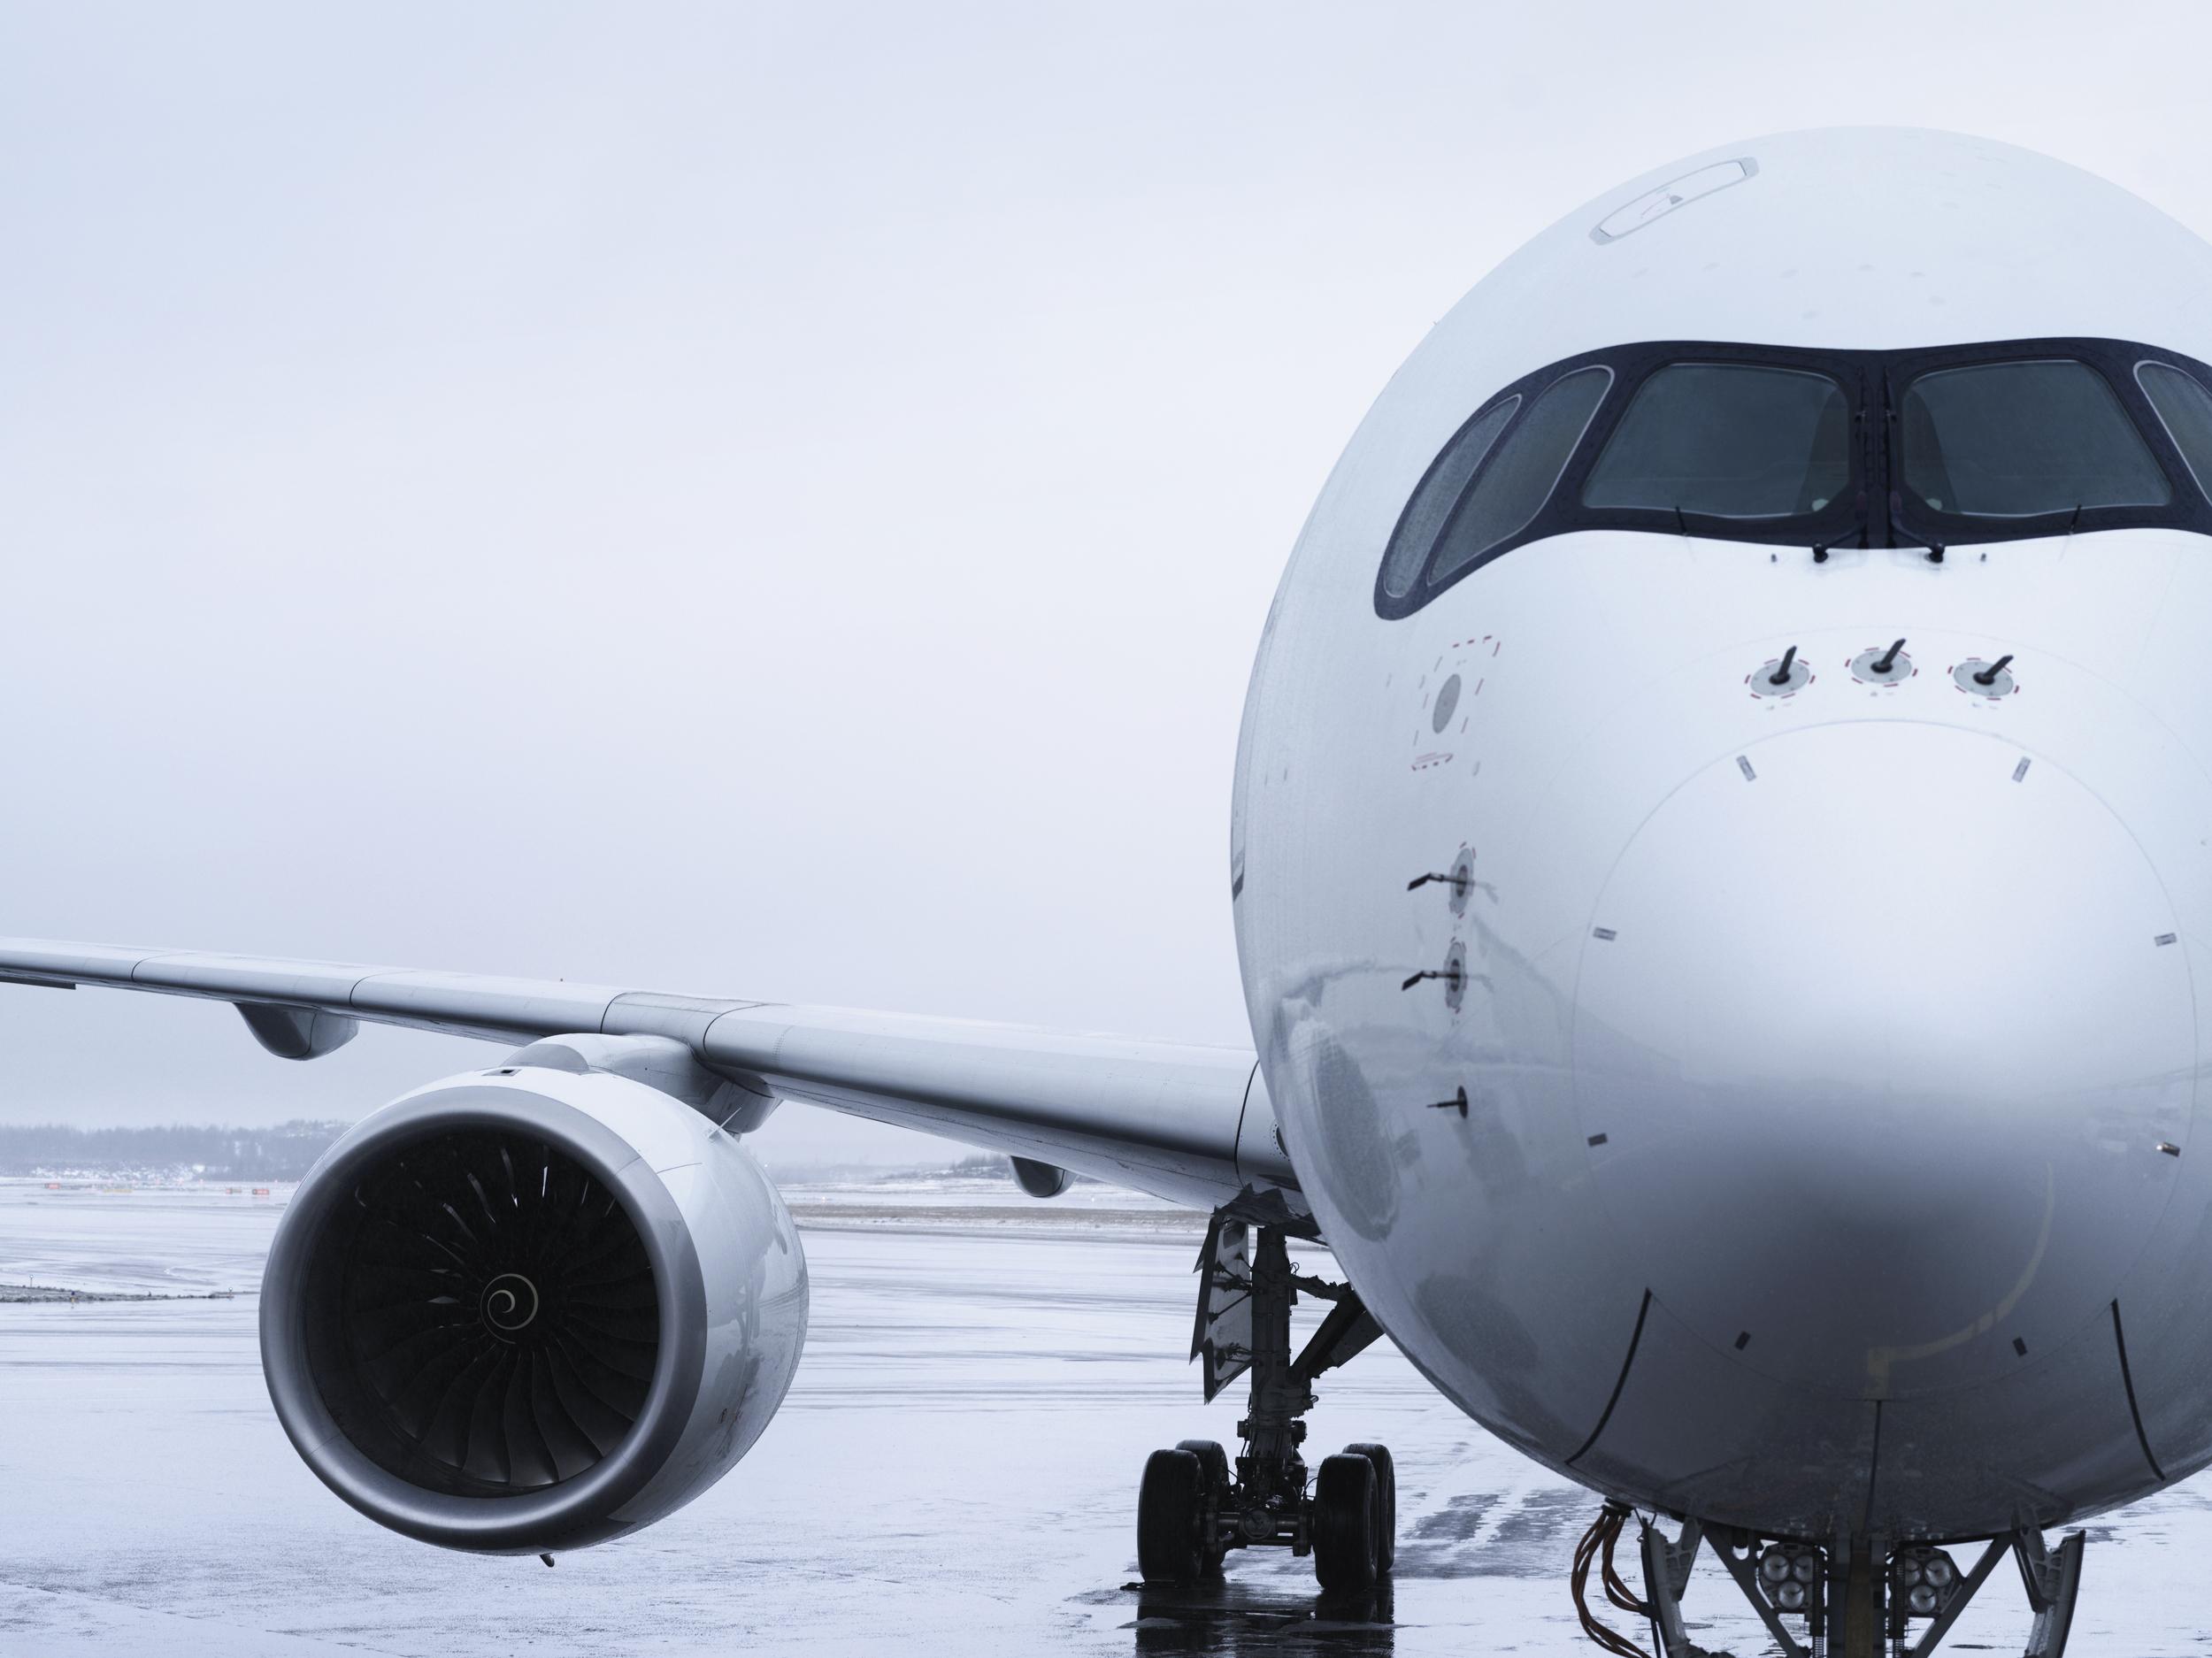 Sidste år havde Finnair 14,7 millioner passagerer – selskabets langruter betjenes blandt andet med fly som disse, Airbus A350, som selskabet foreløbig har 15 af. Pressefoto: Finnair.